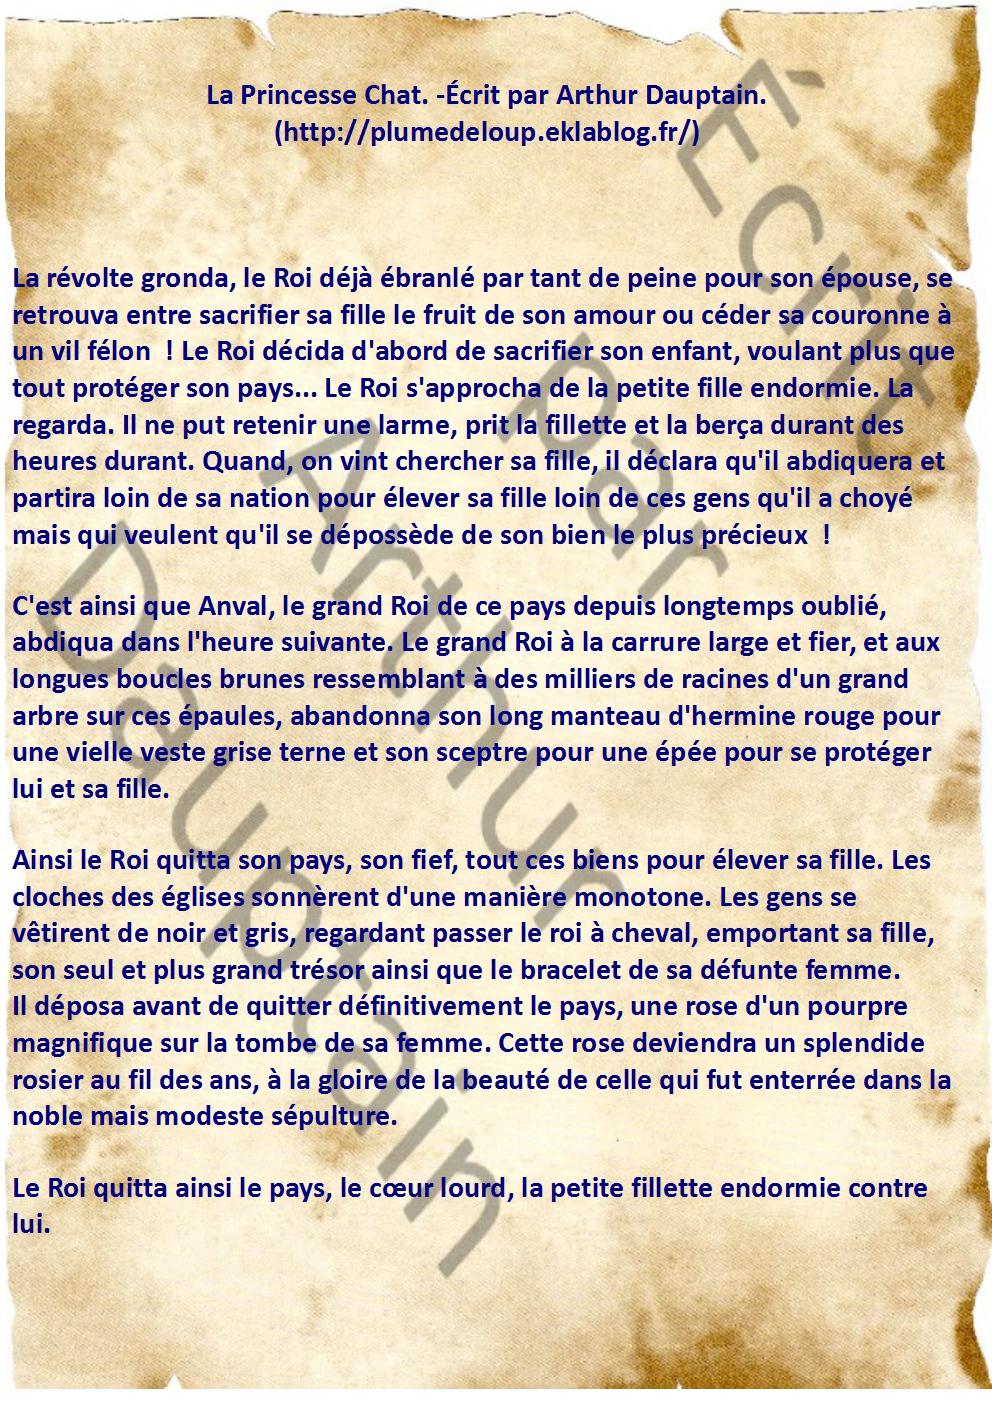 La Princesse Chat: Chapitre 1 : Pierre de Naissance (Nouvelle version)